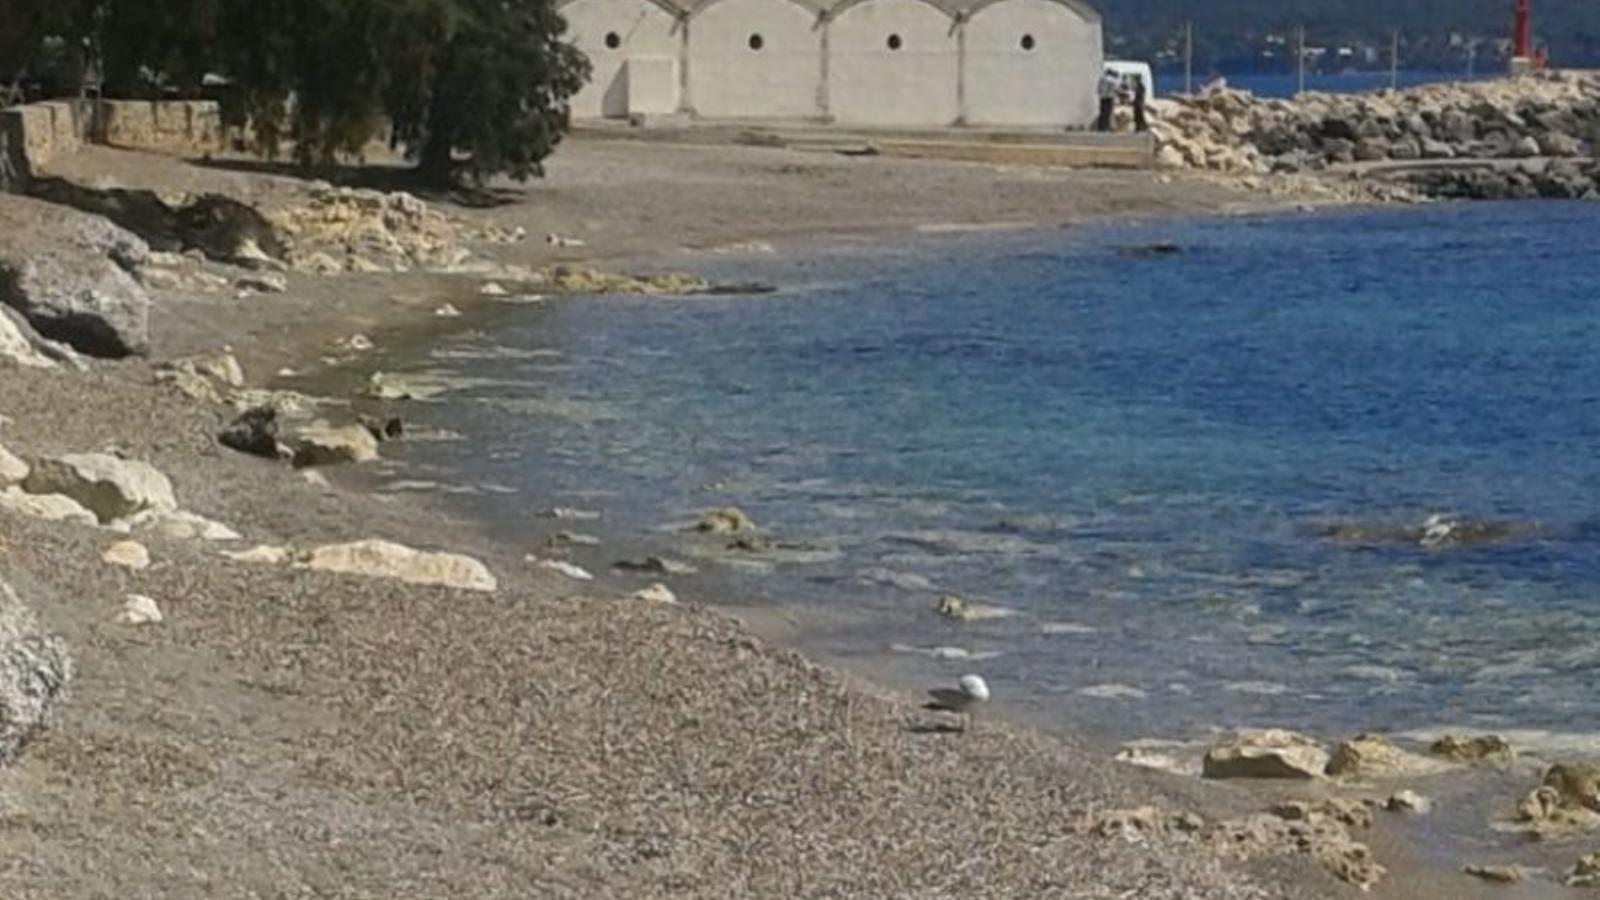 Els darrers temporals van deixar despullades les platgetes de Cala Bona.